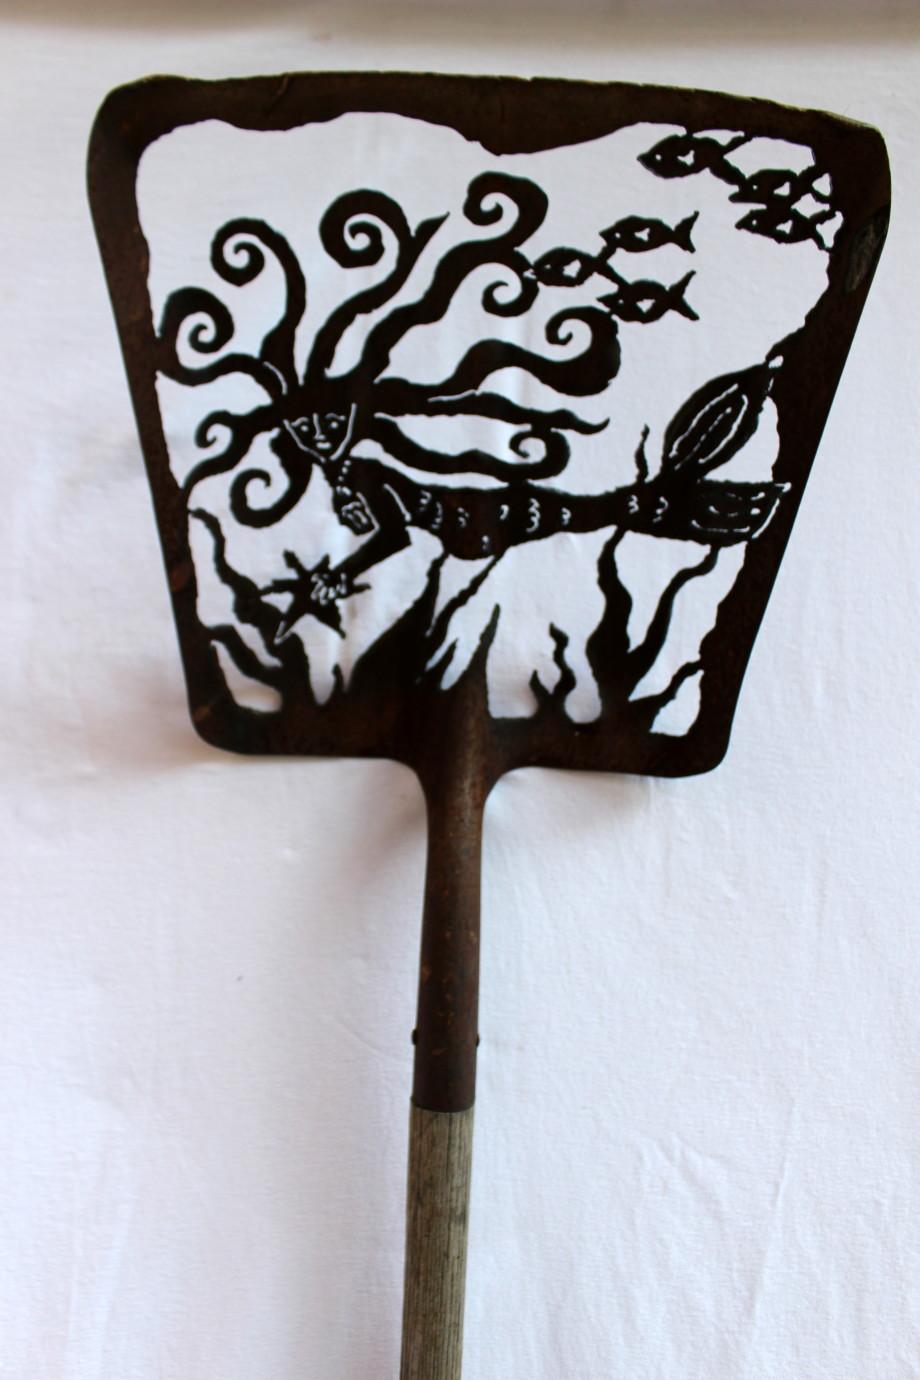 Madison shovel